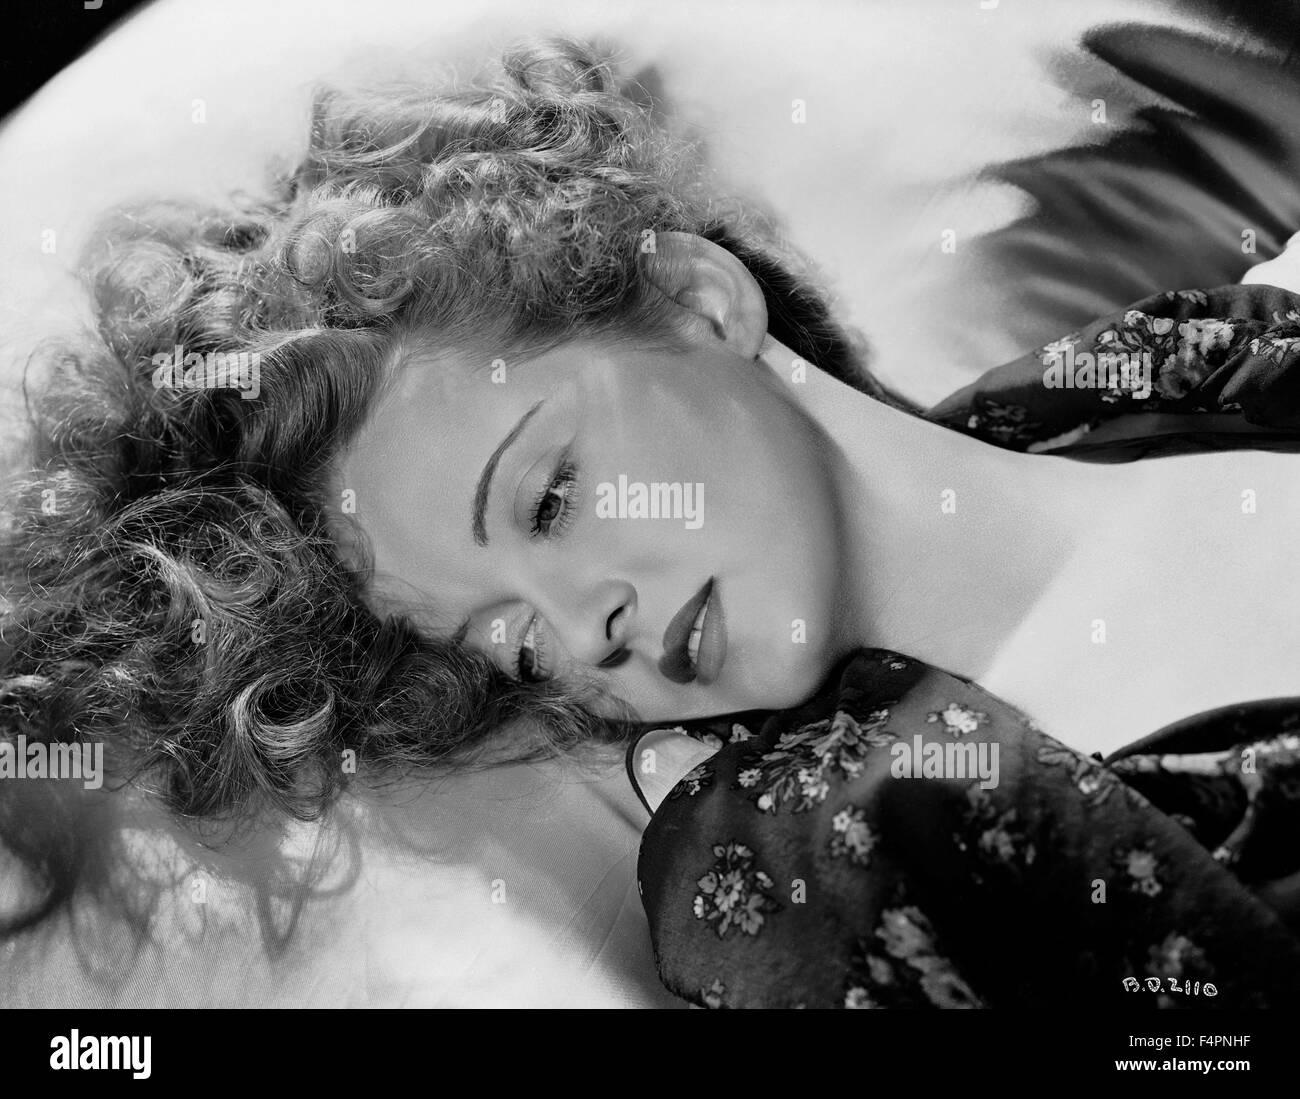 Bette Davis dans les années 30 Photo Stock